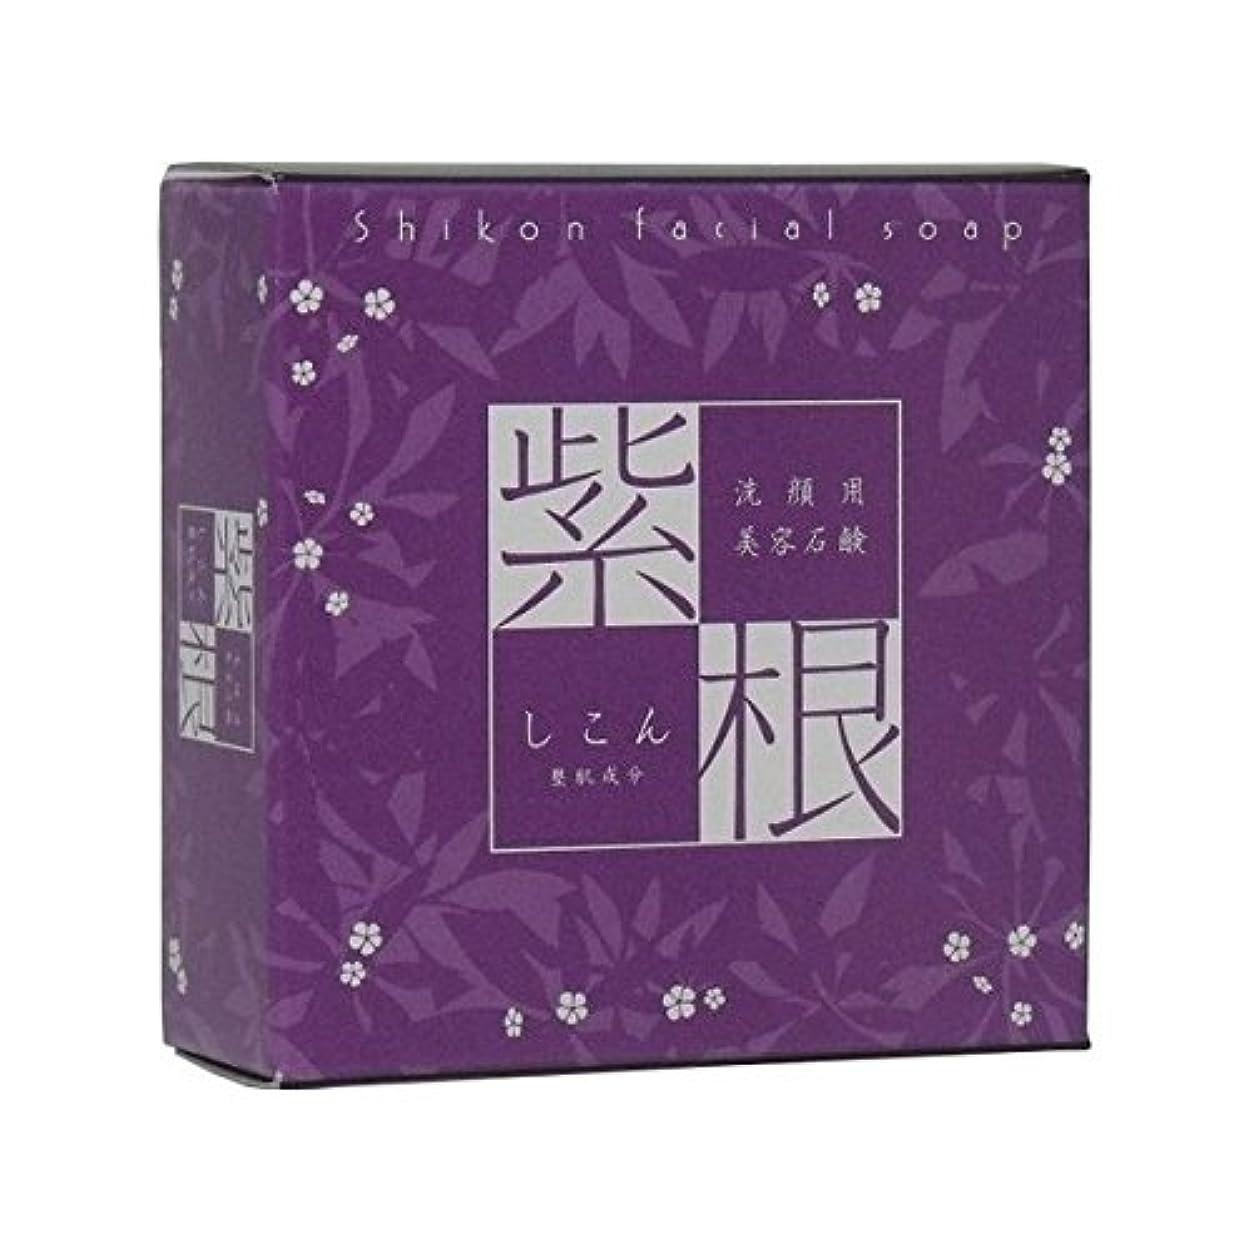 滝同化する興奮する紫根石鹸110g(オリジナル泡立てネット付き)3個セット【魔女たちの22時で話題!】